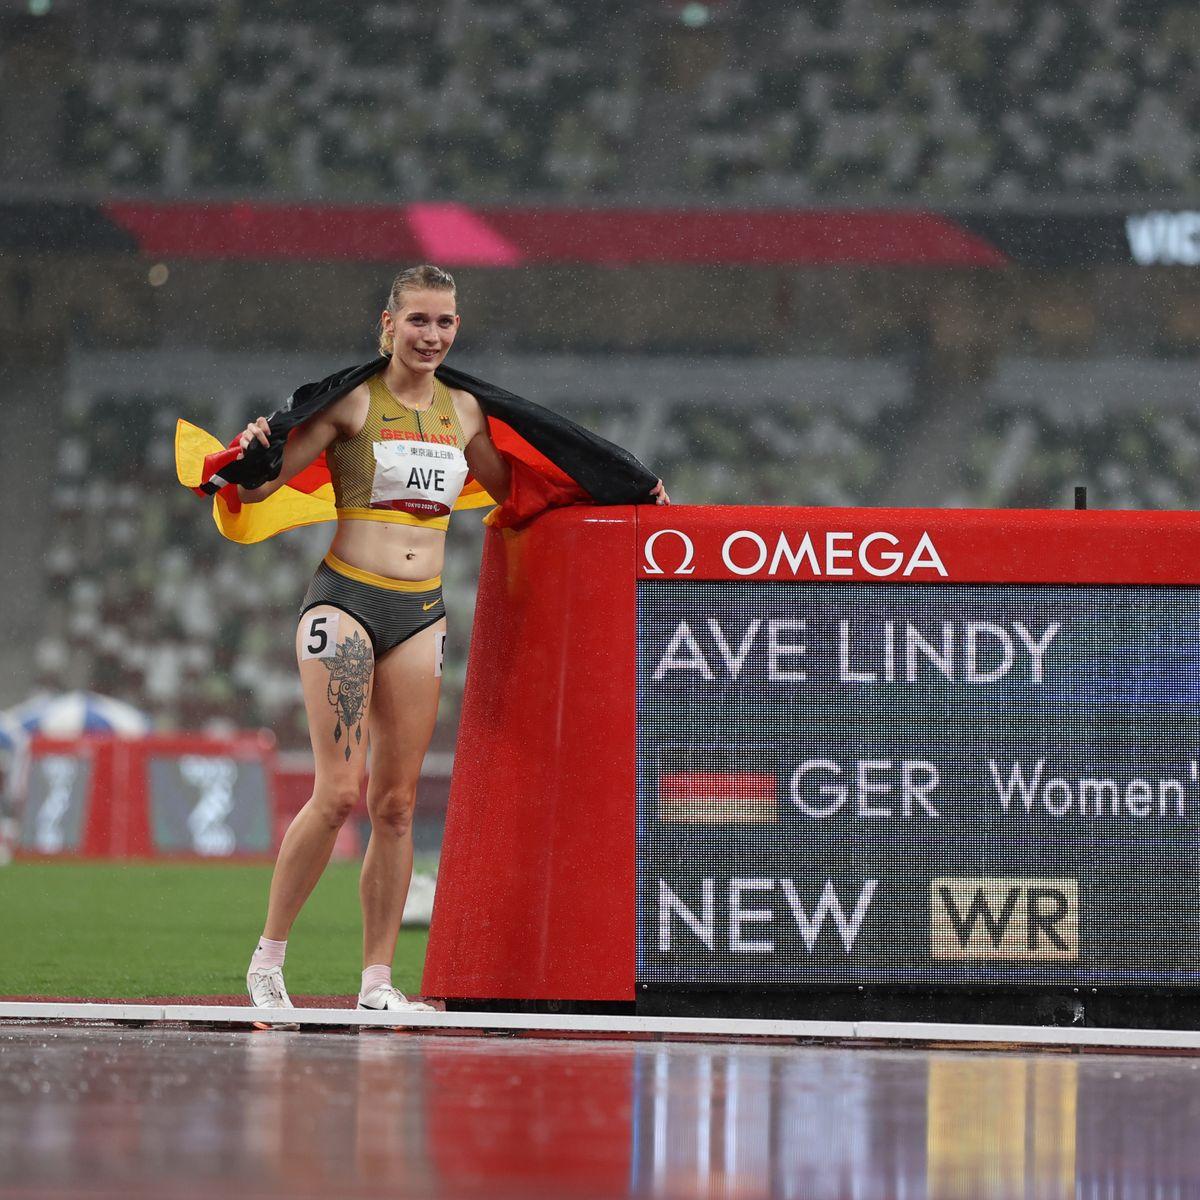 Paralympics 2021: Lindy Ave läuft auf 400 Metern Weltrekord in genau einer  Minute - DER SPIEGEL